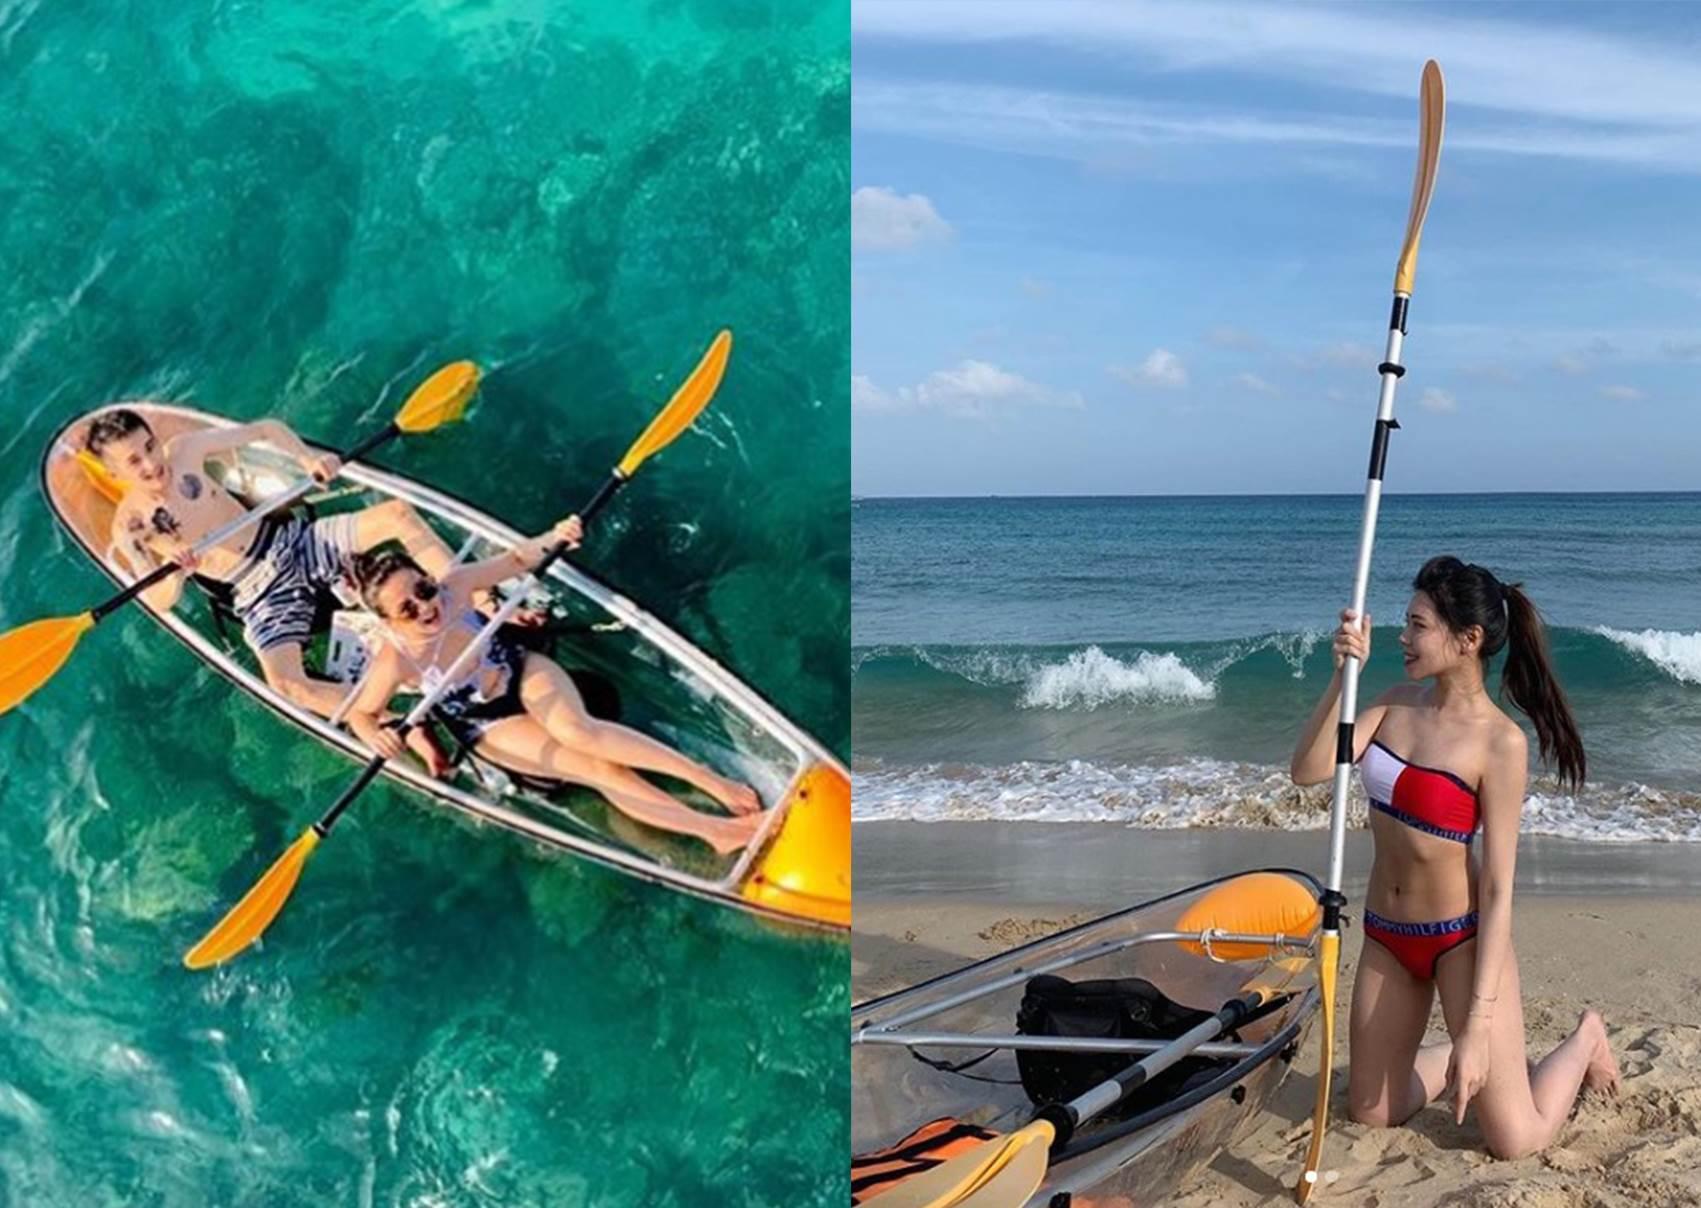 不用練功就能水上飄!國外「超夢幻透明獨木舟」台灣就能玩!現場看小丑魚在珊瑚礁戲水!